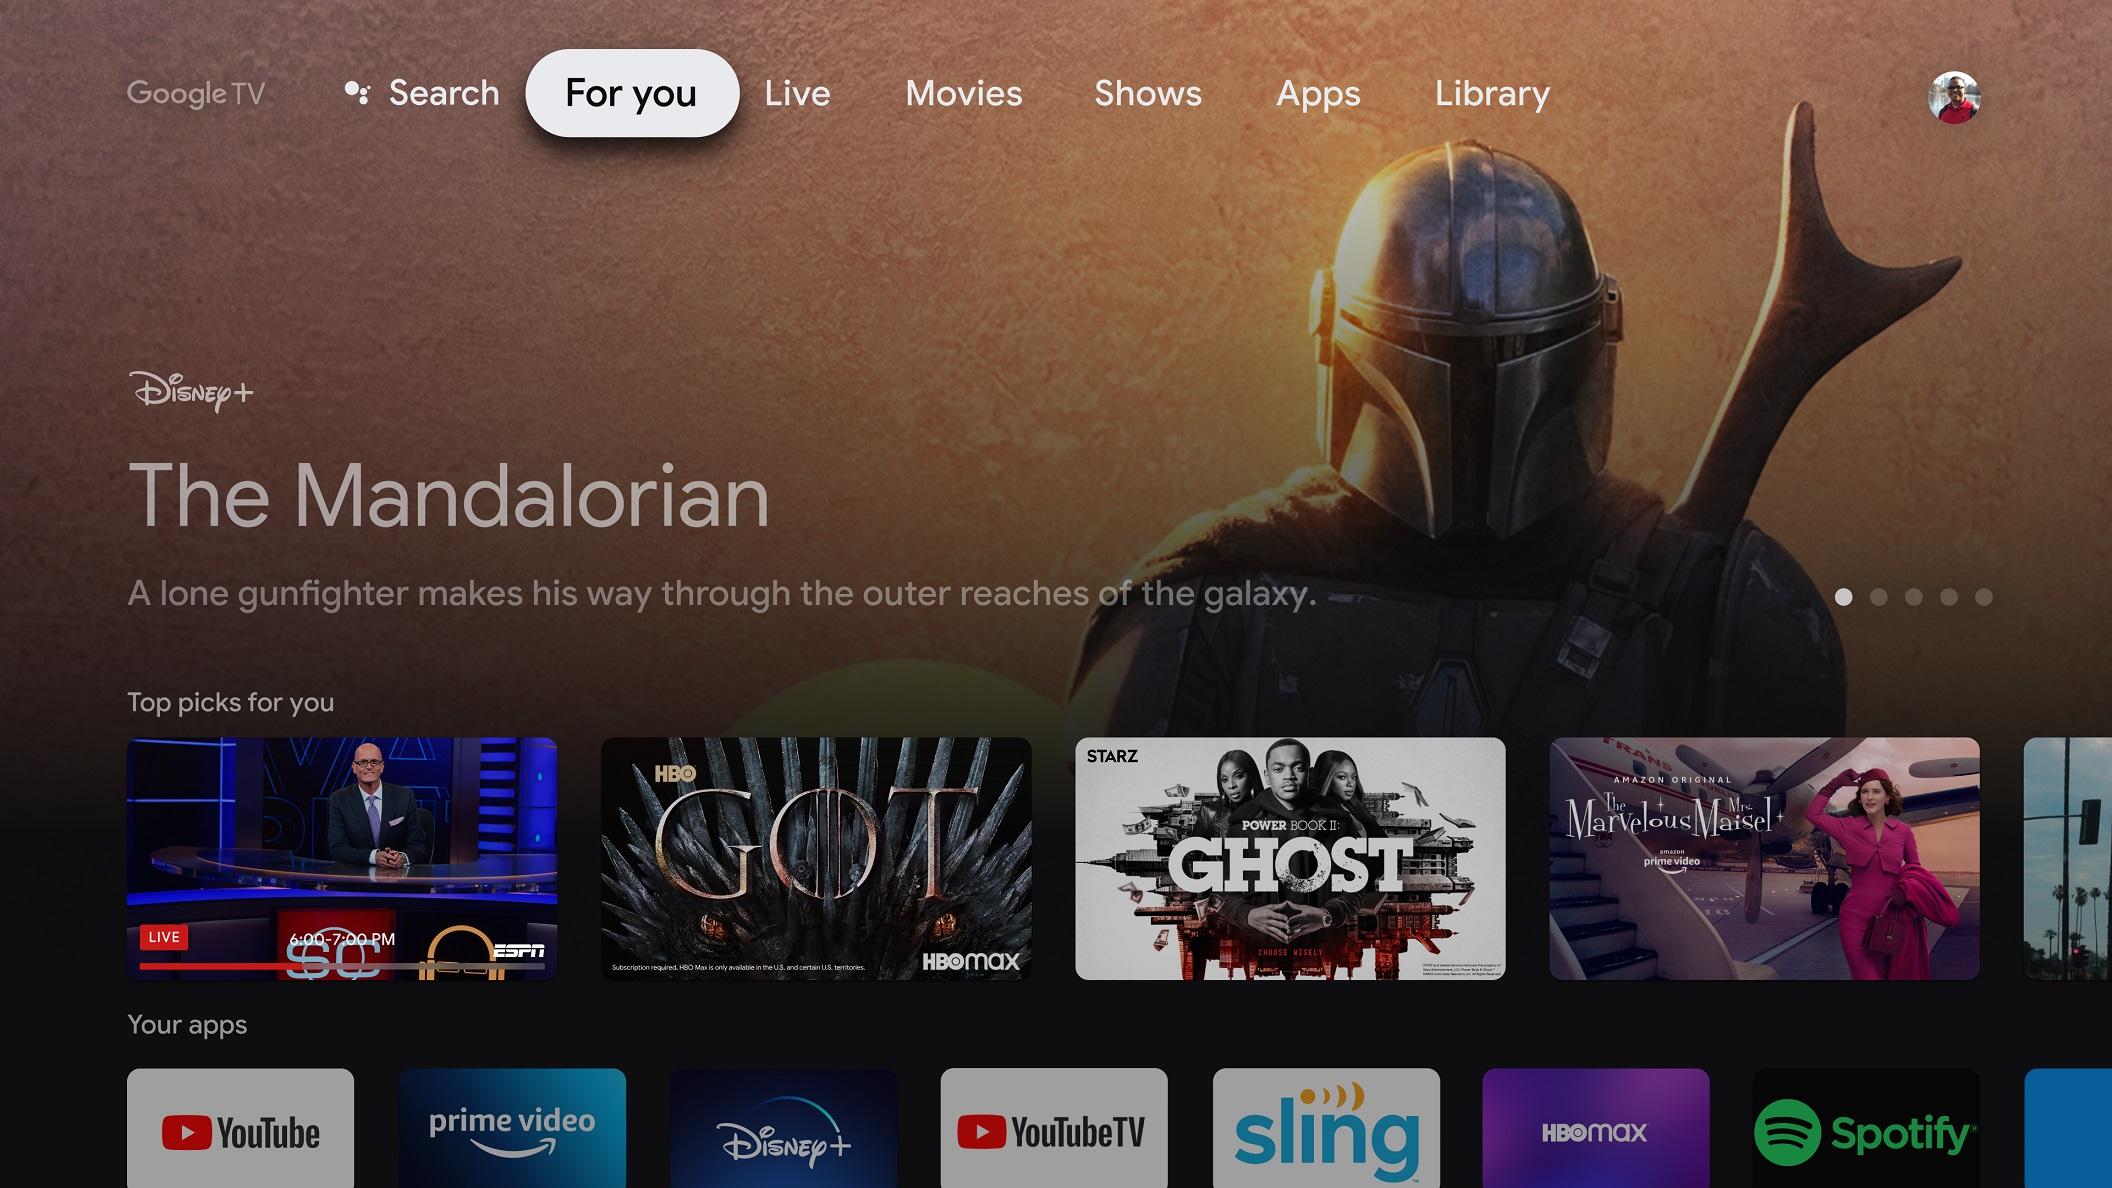 TCL și Google lansează experiența remarcabilă de vizionare într-un pachet TV complet